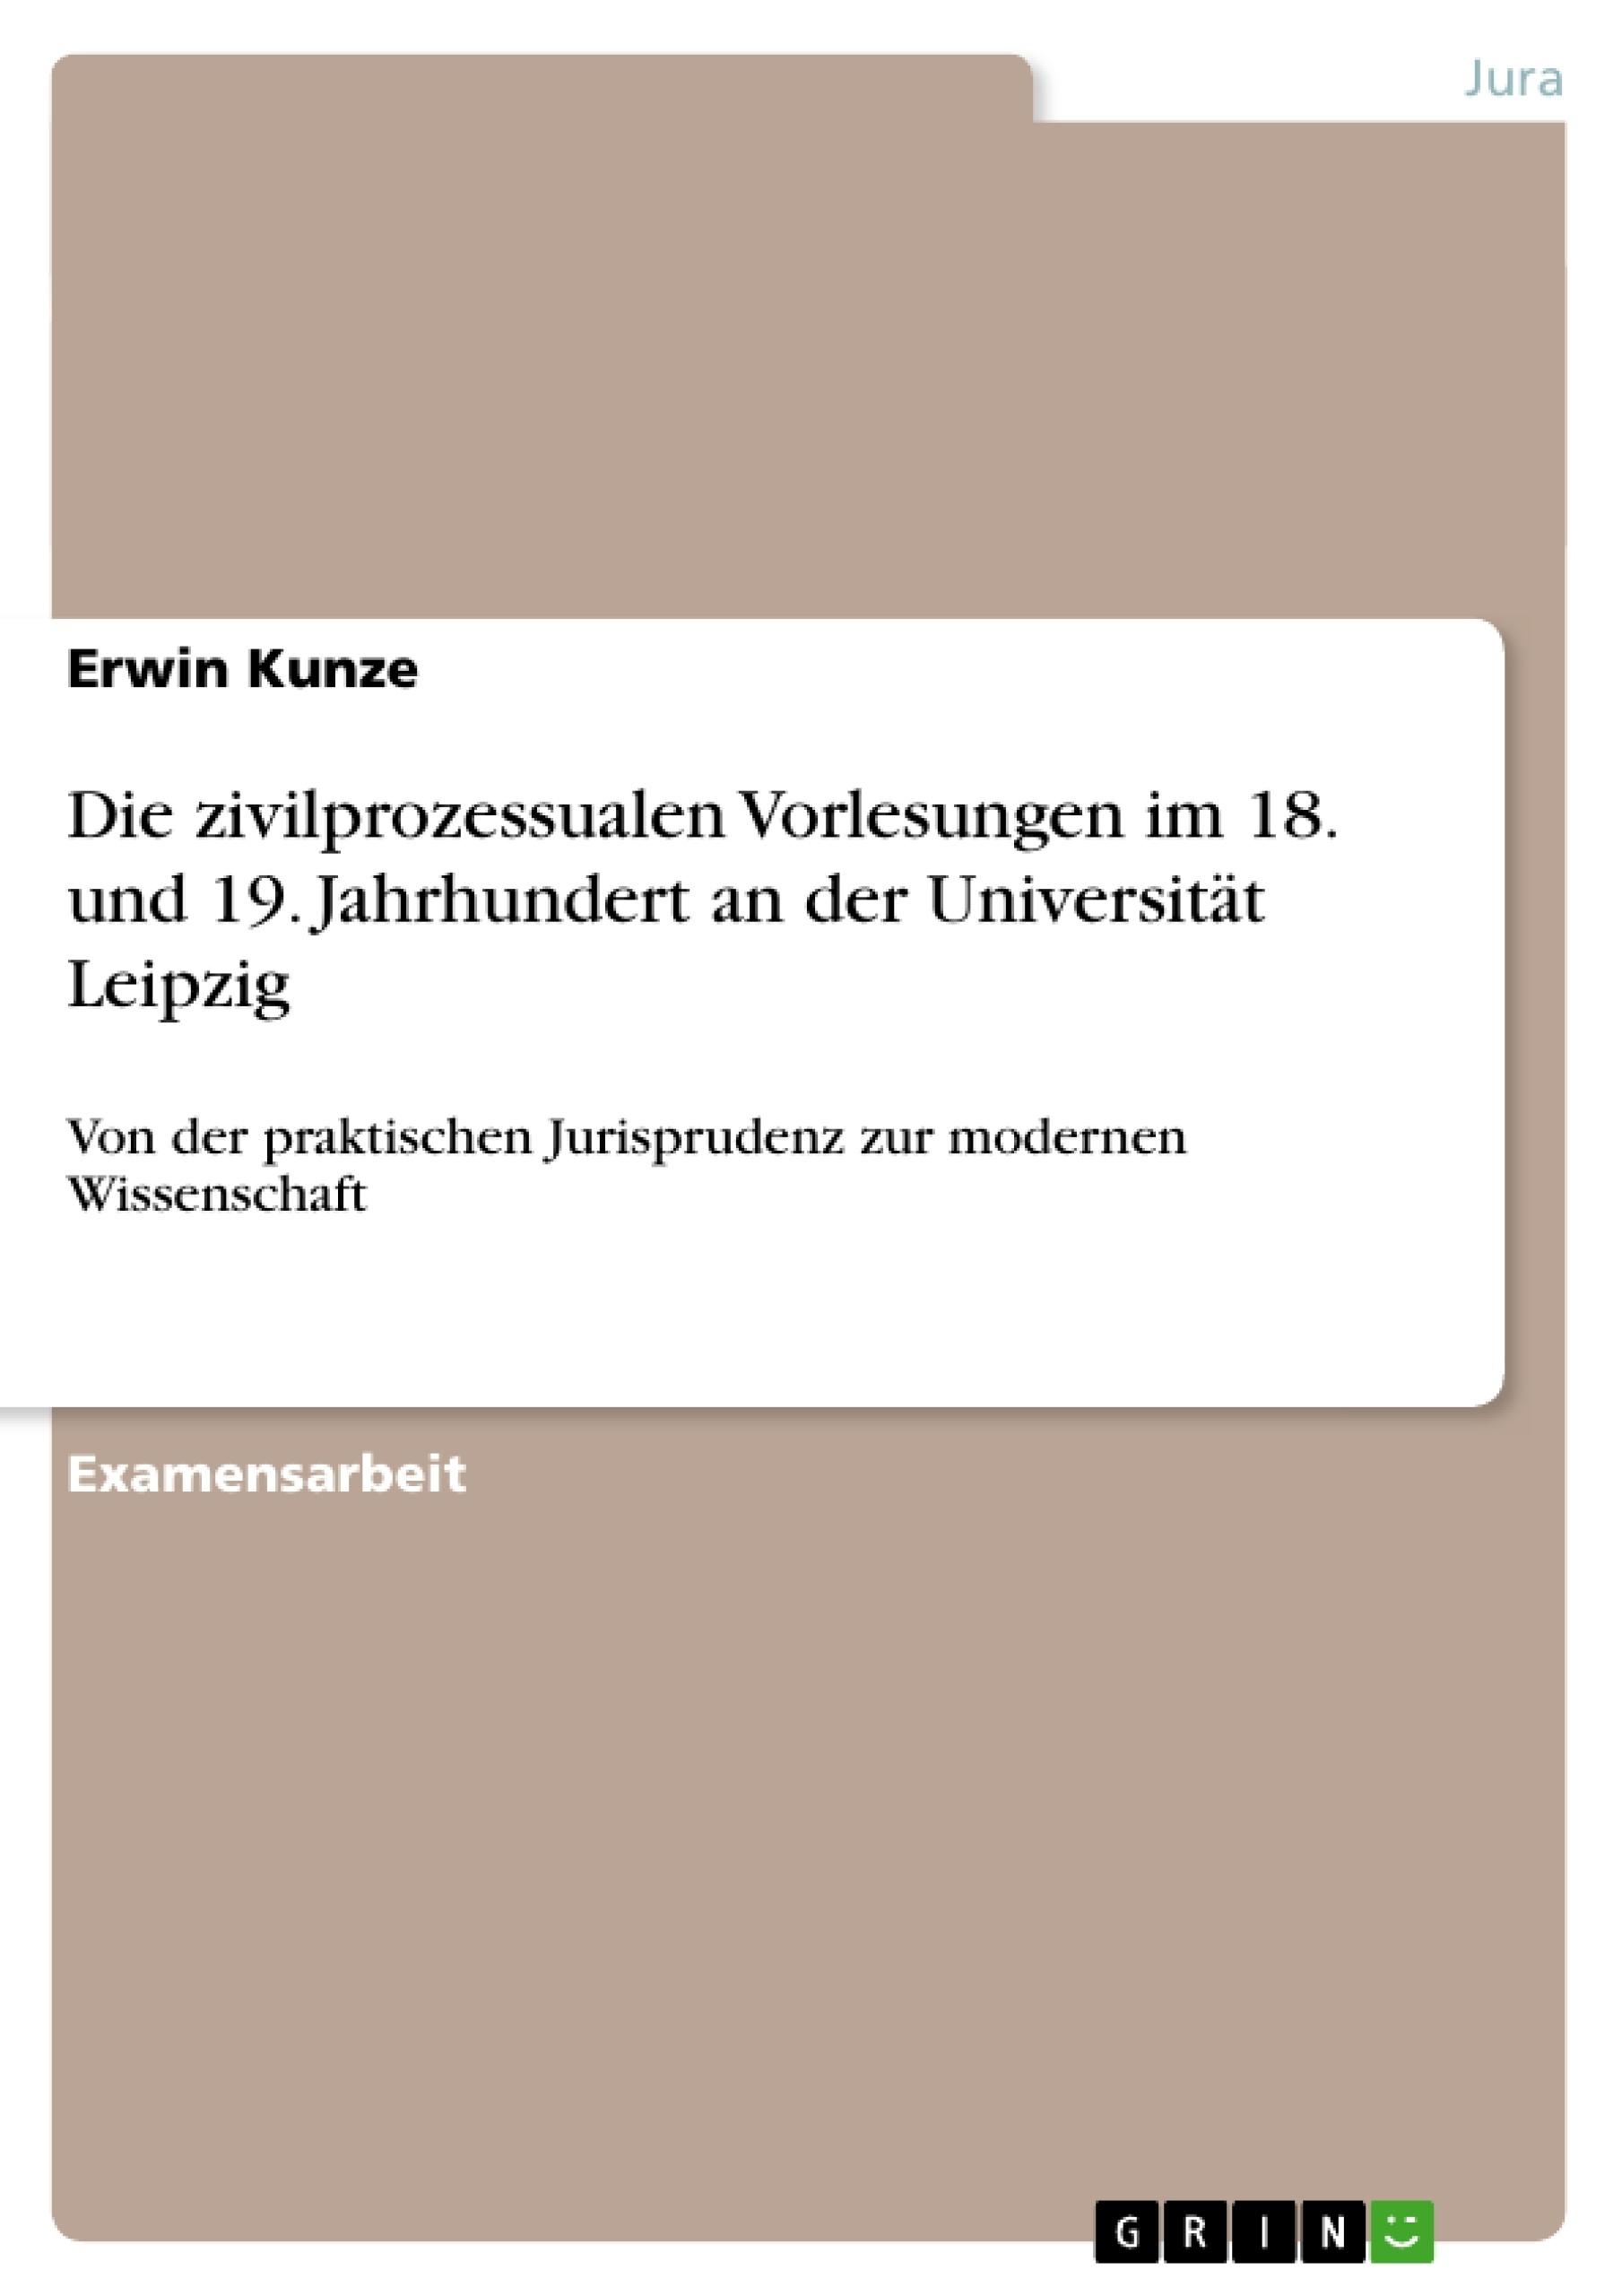 Titel: Die zivilprozessualen Vorlesungen im 18. und 19. Jahrhundert an der Universität Leipzig